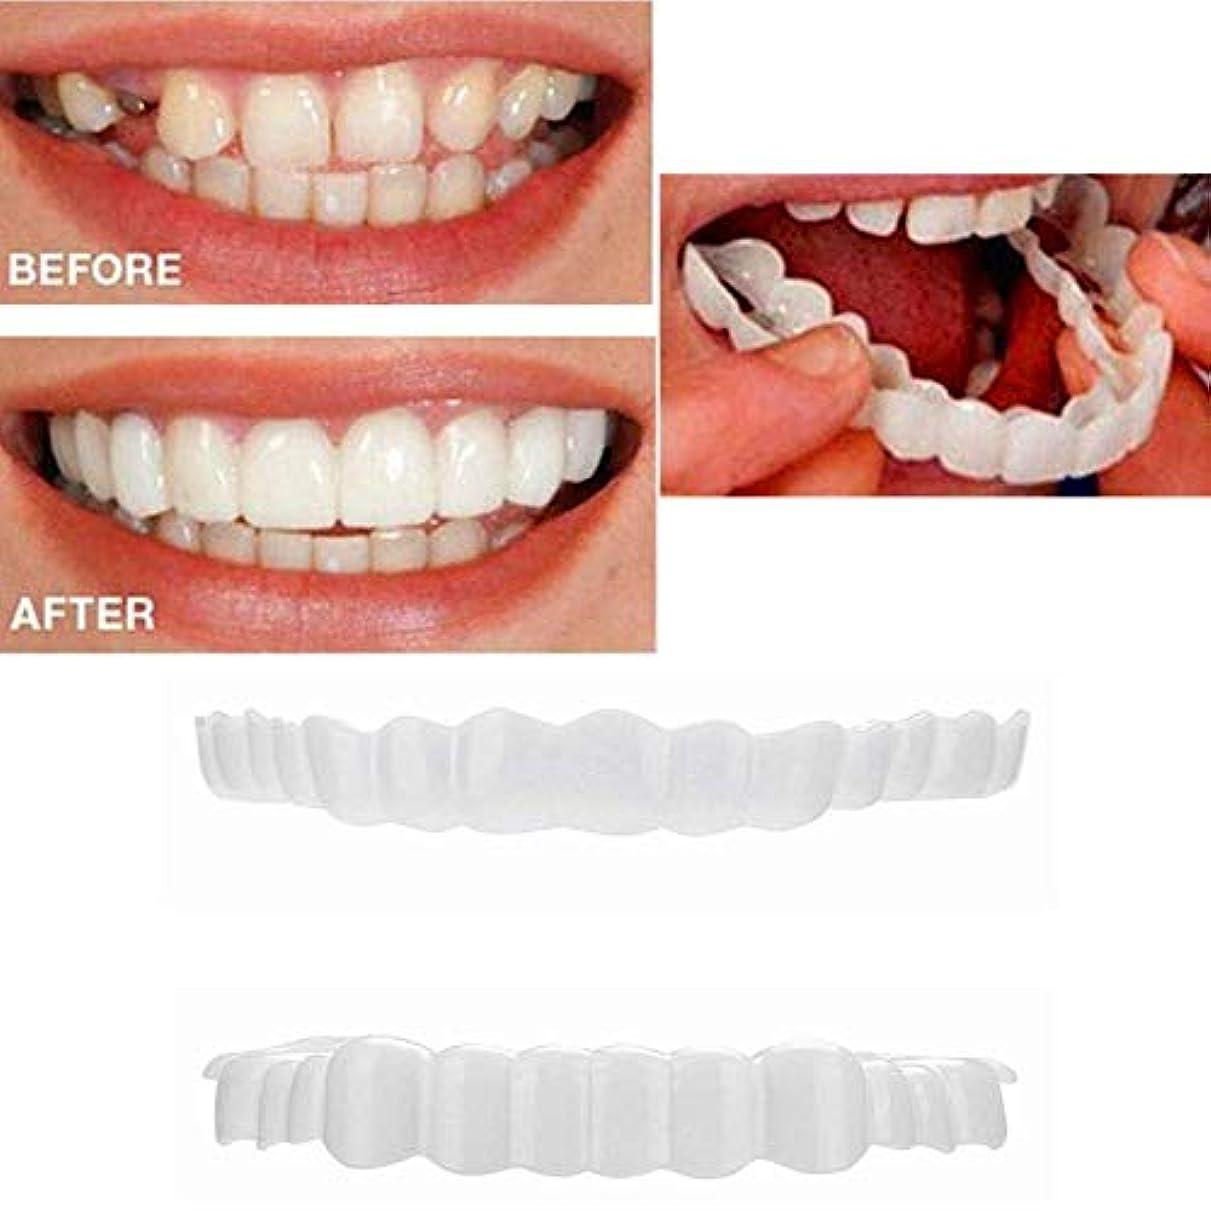 プログレッシブ月曜声を出して最新の化粧板の歯、化粧品の歯3組 - 一時的な笑顔の快適さフィットフレックス化粧品の歯、ワンサイズ、スーペリアーとローワーコンフォートベニア - (Lower + Upper)